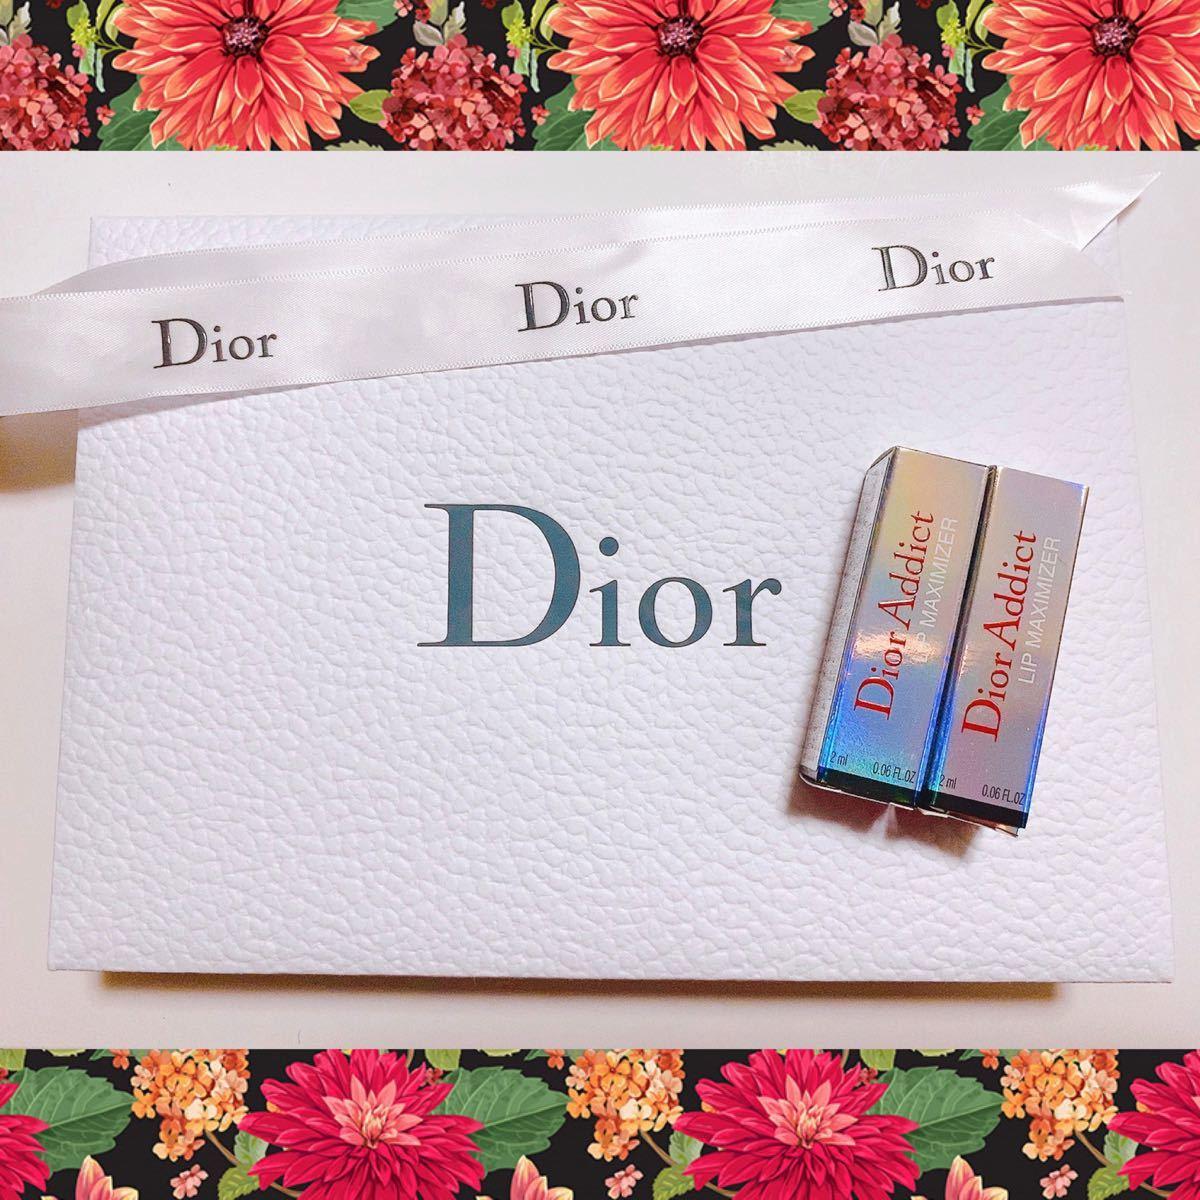 Dior ディオールアディクトリップマキシマイザー